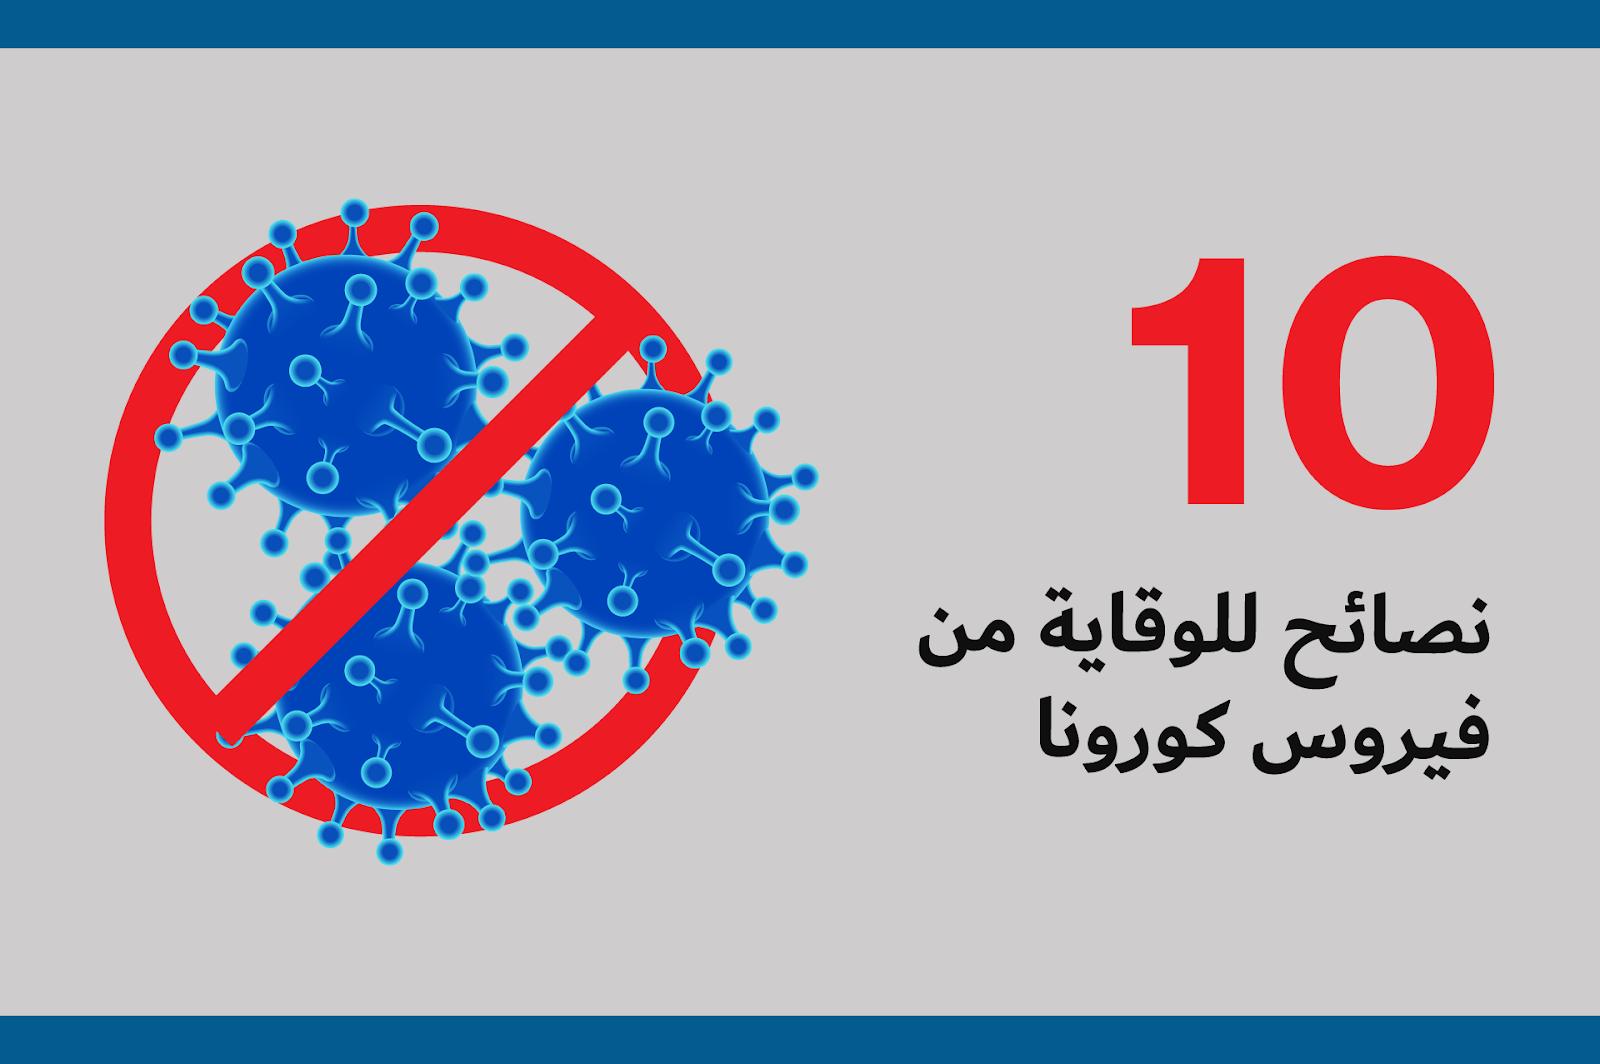 عشر نصائح للوقاية من فيروس كورونا